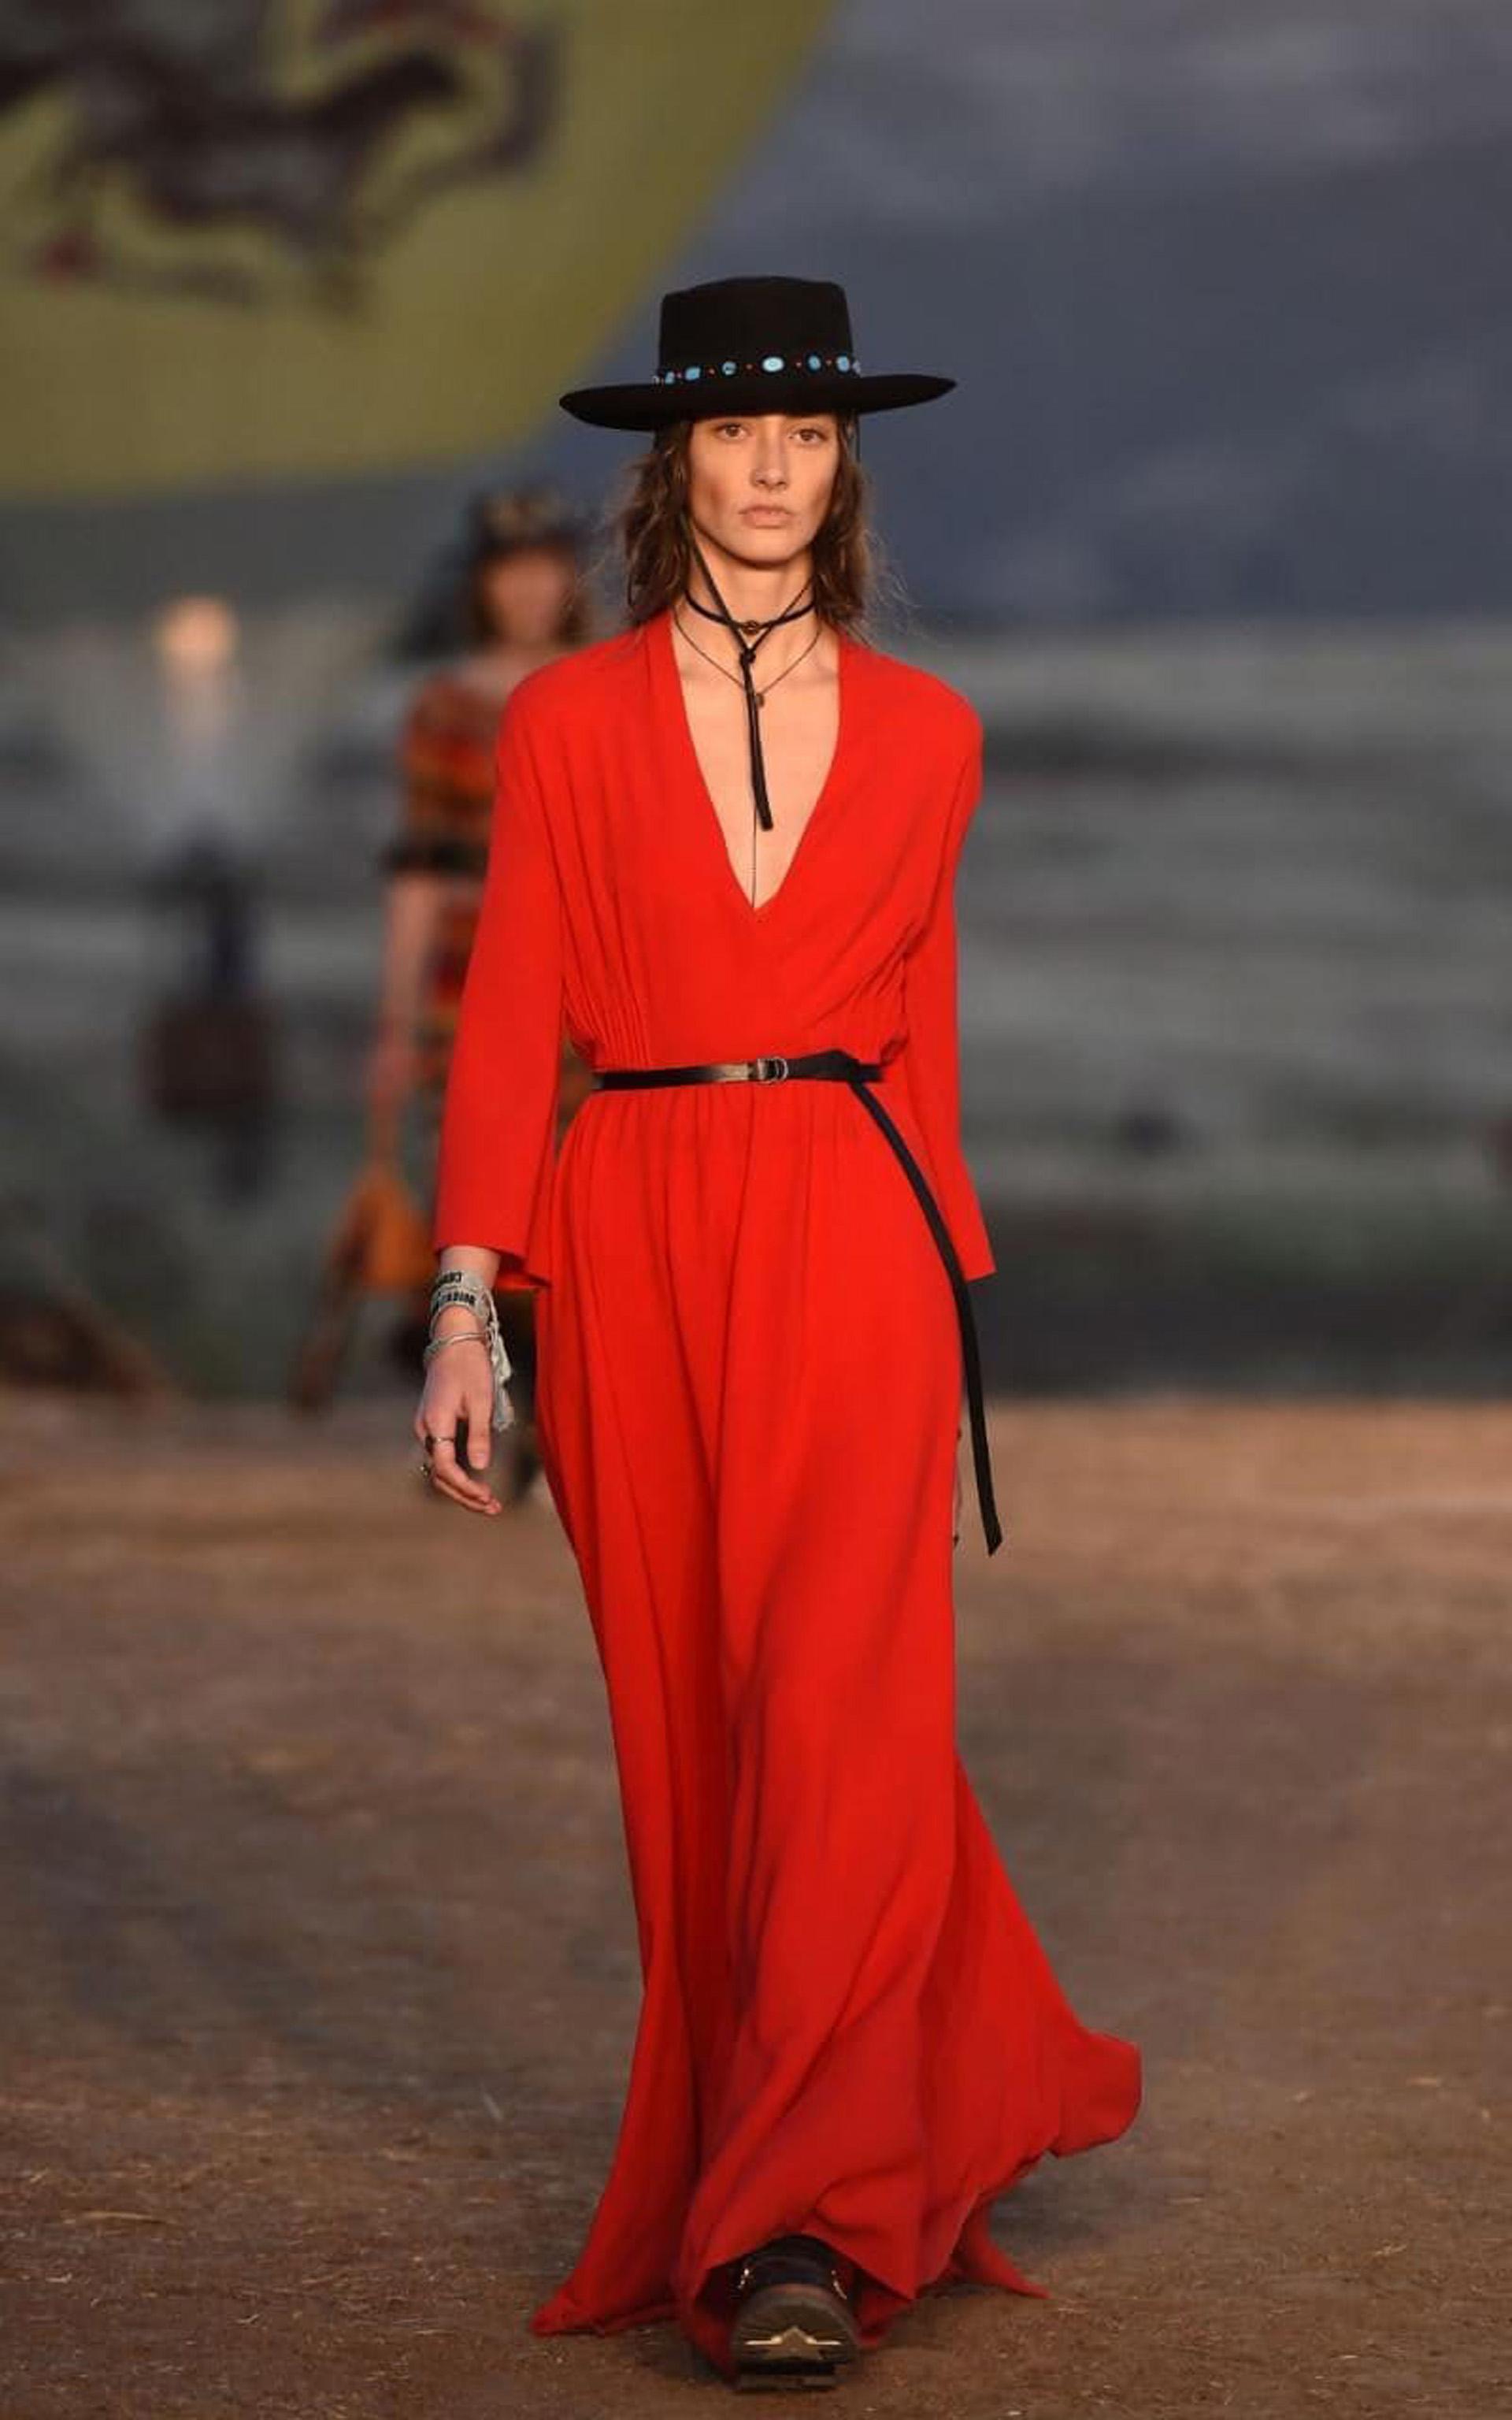 Sombrero panamá plato con piedras turquesa y un vestido rojo con mangas y escote pronunciado presentado con cinturón a la cintura y borcegos (AFP)